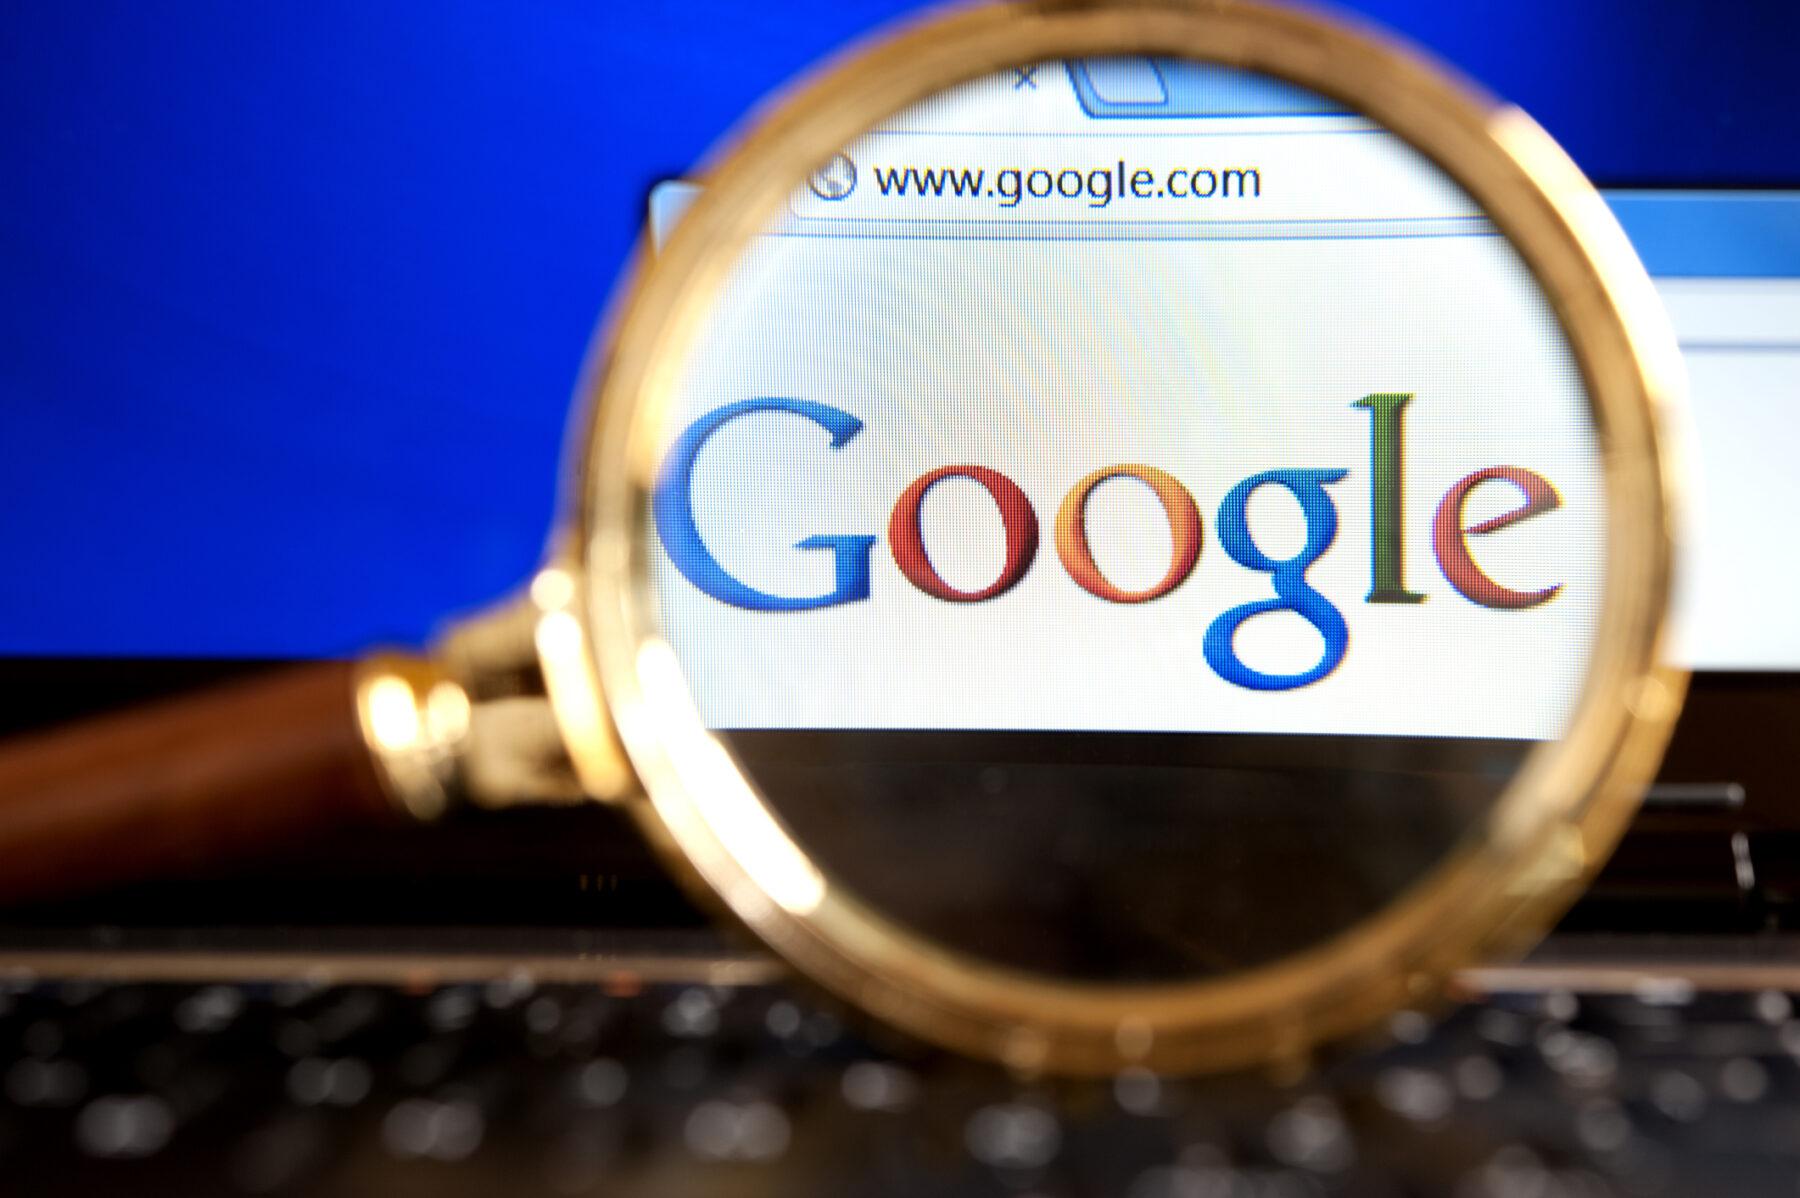 Do You Google Google?